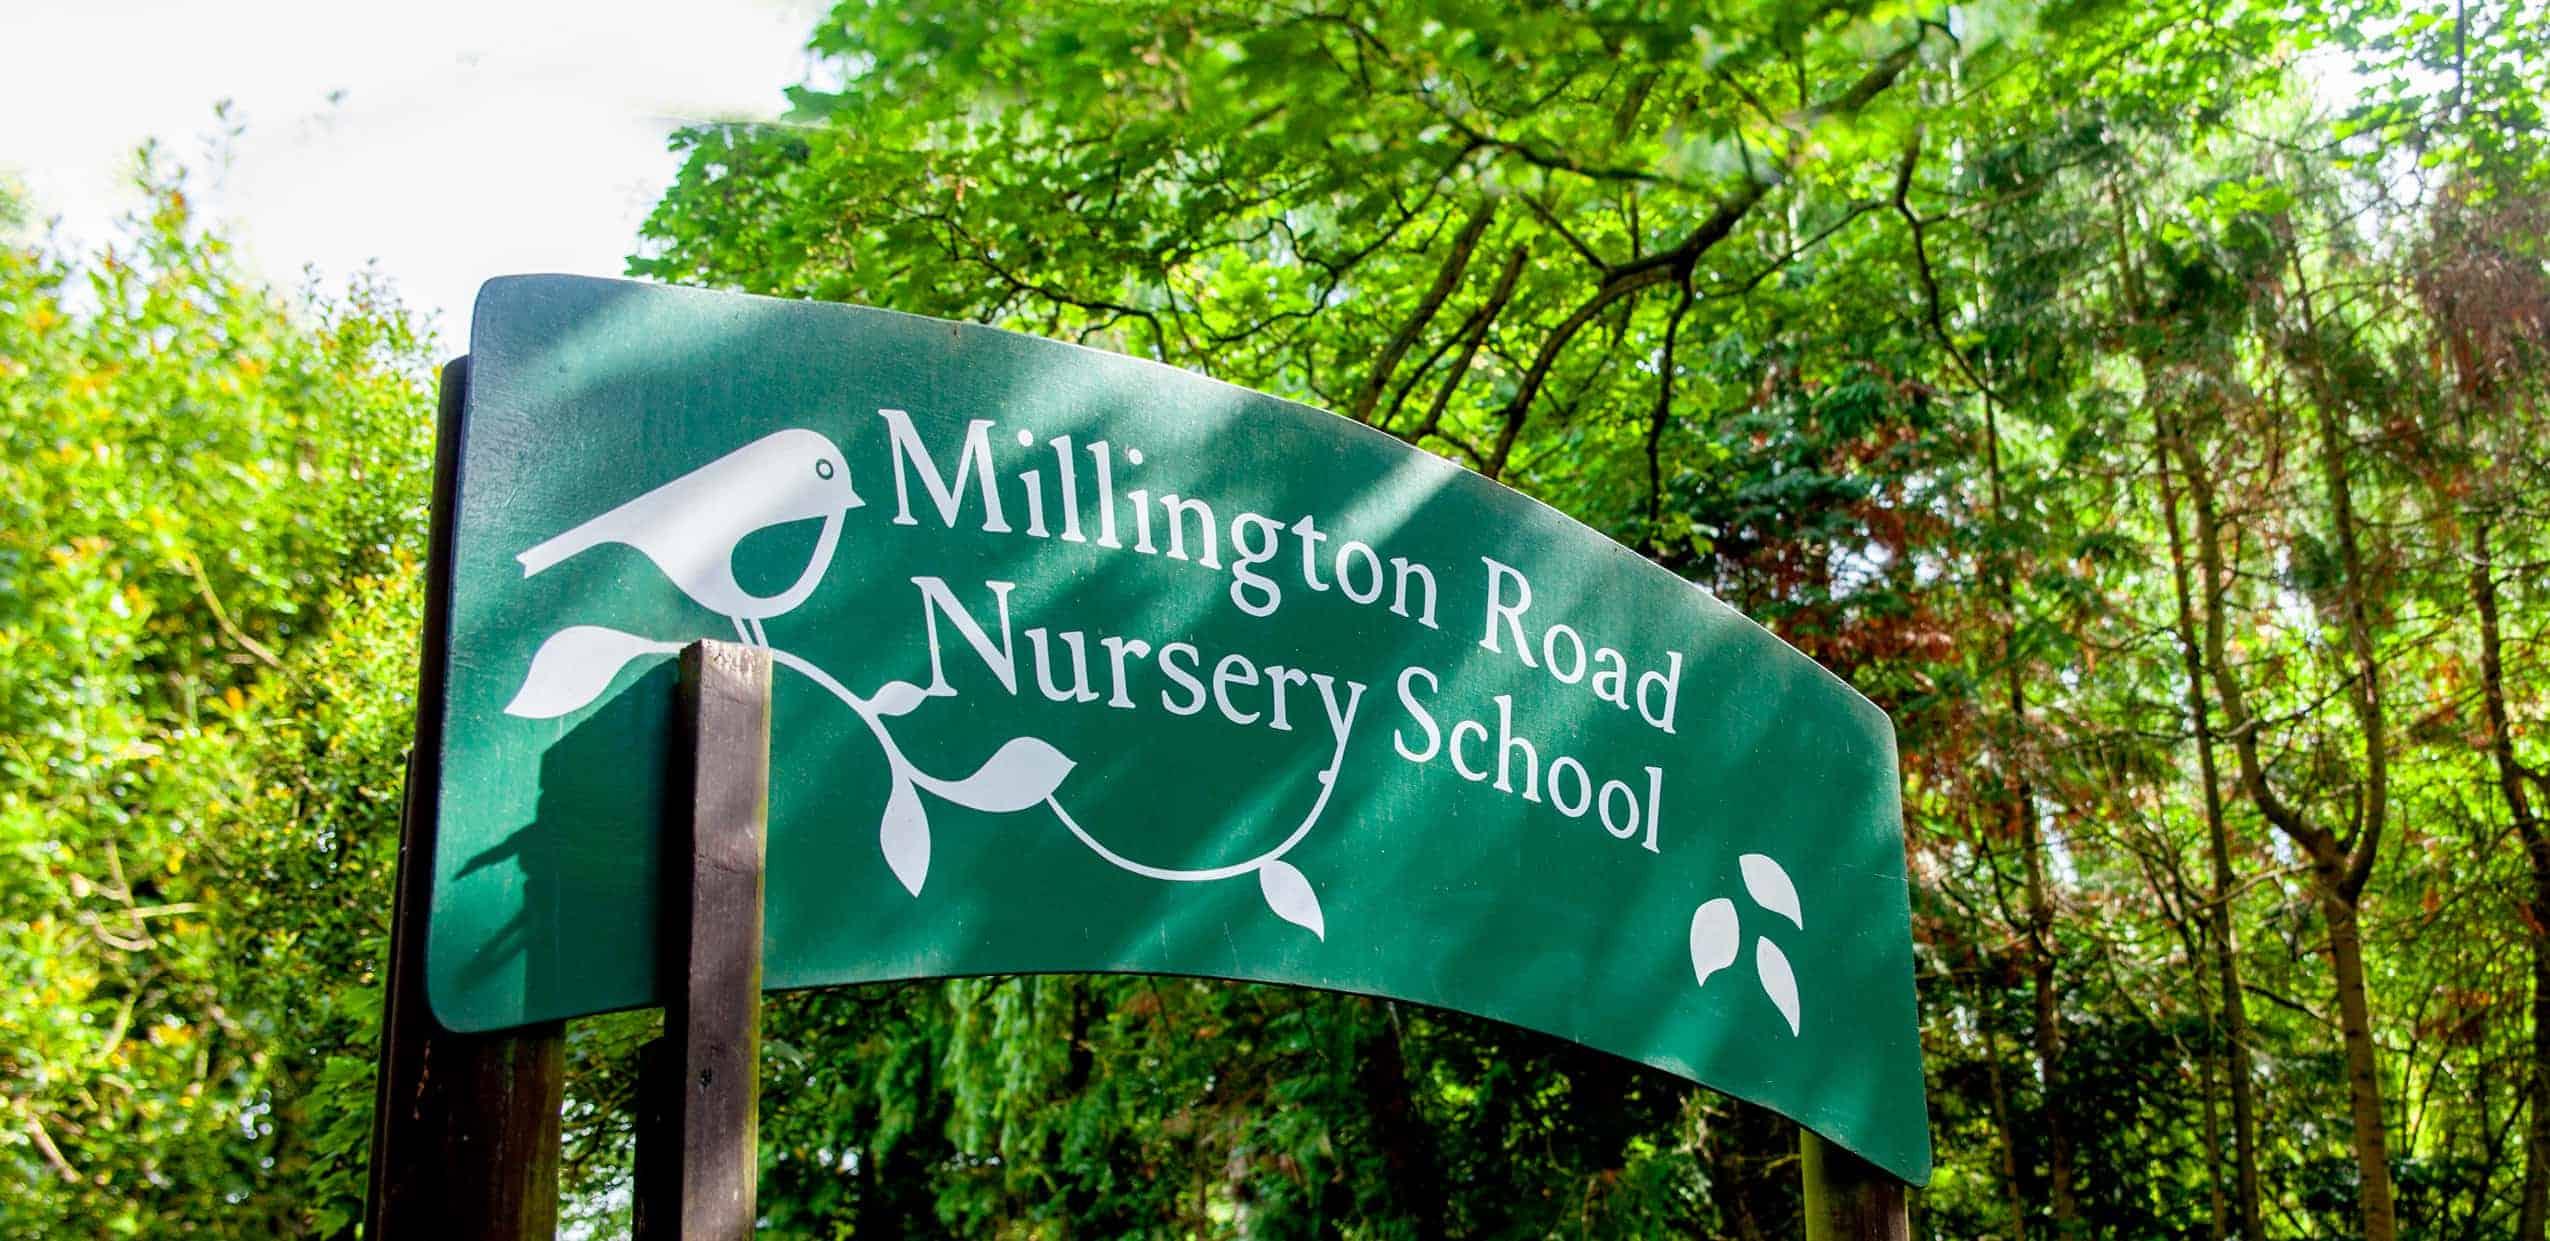 Millington Road Nursery School sign